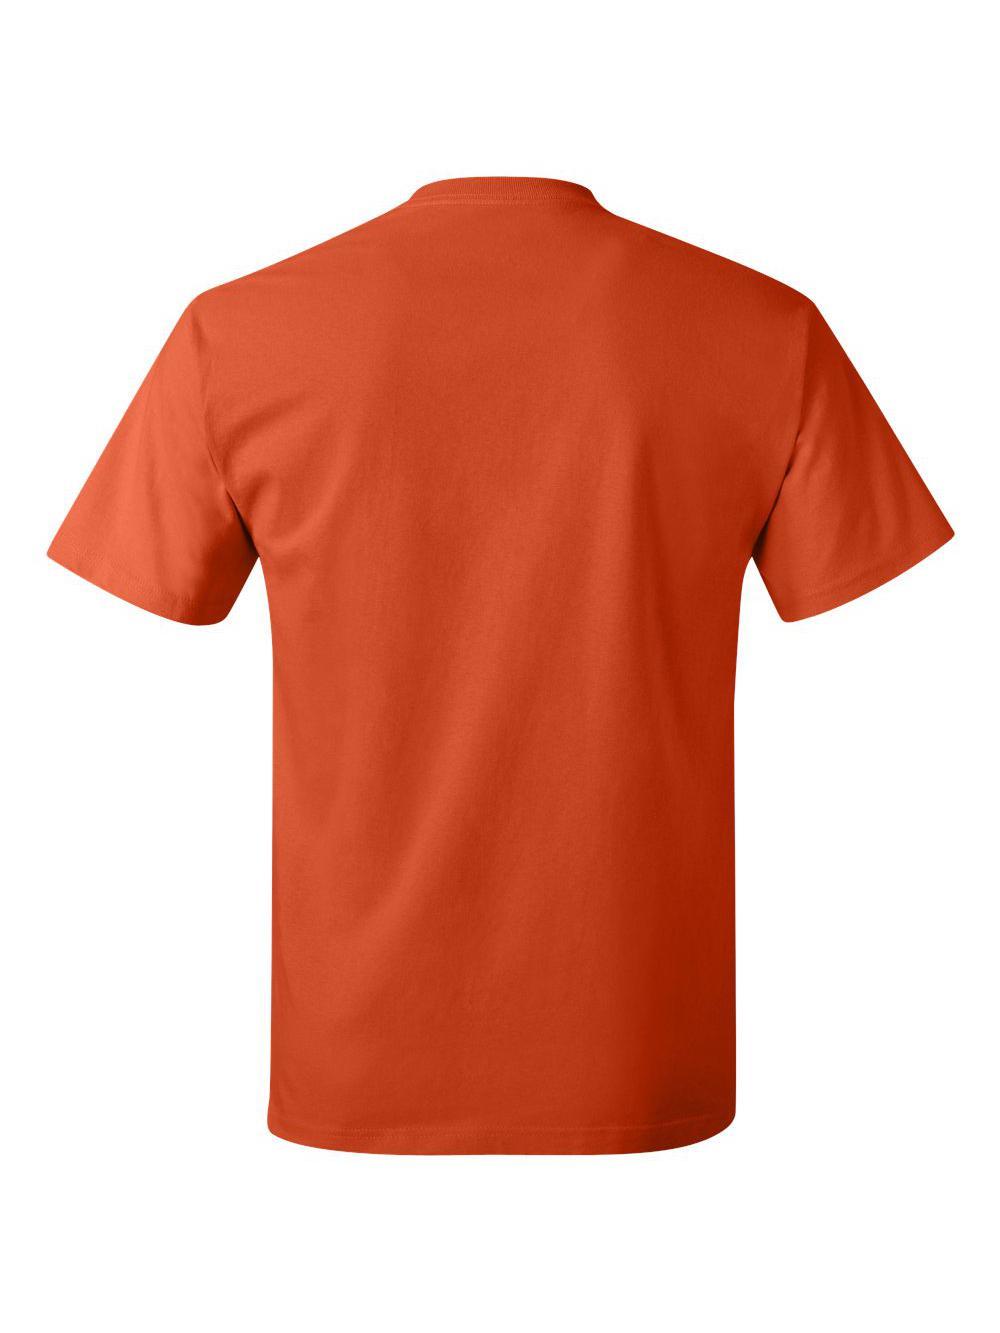 Hanes-Tagless-T-Shirt-5250 thumbnail 82